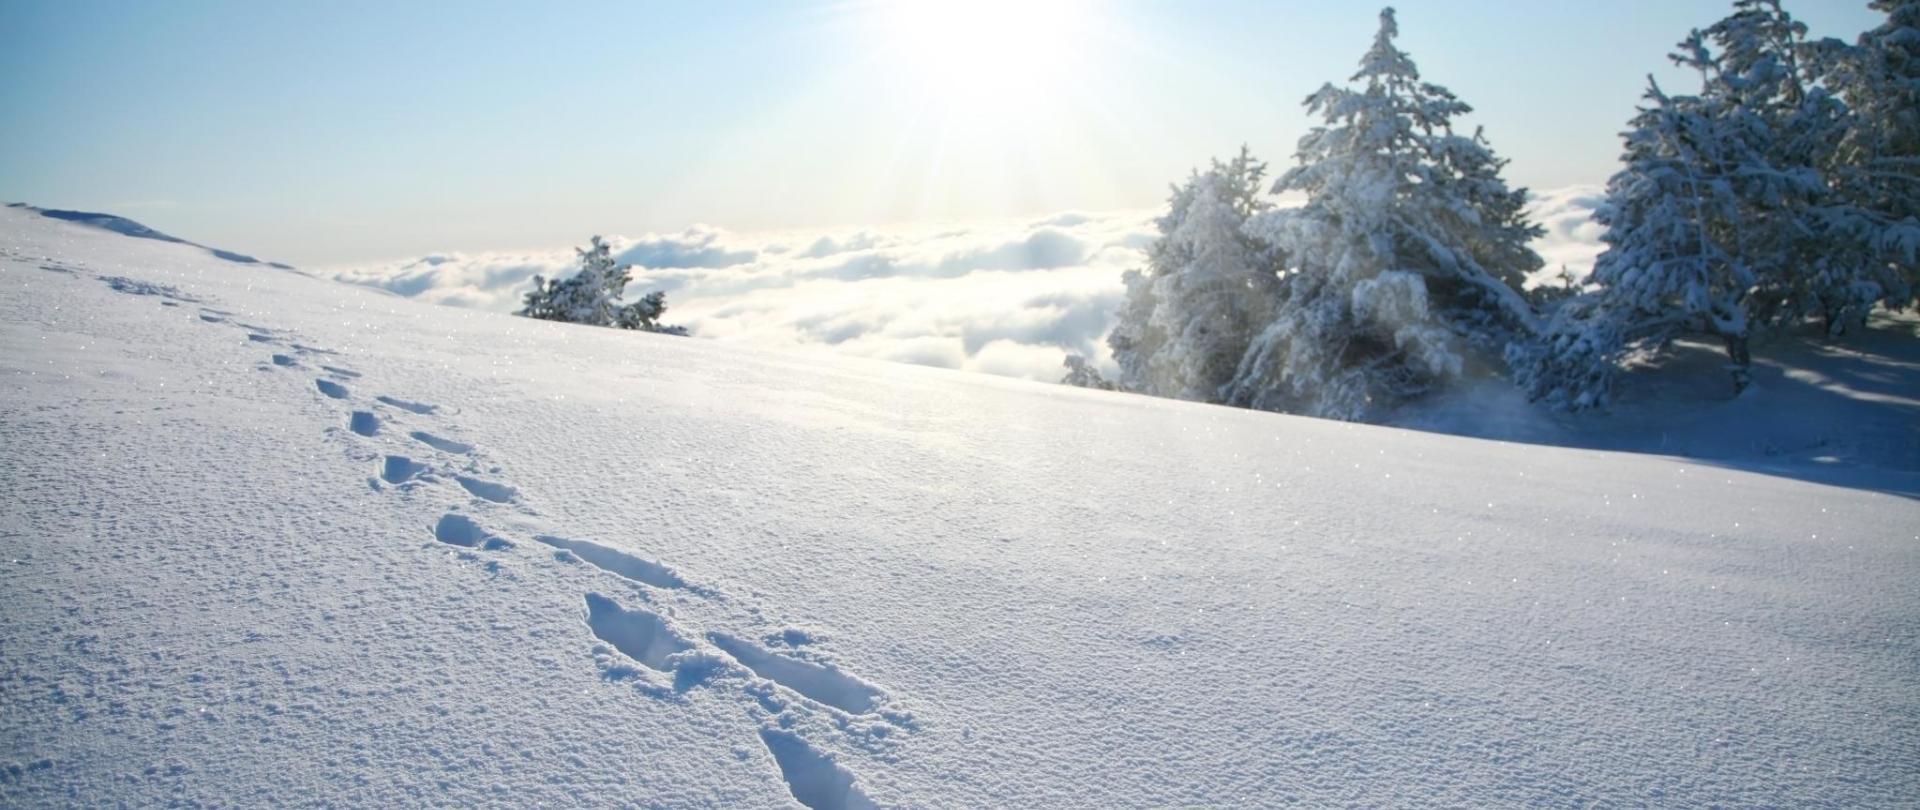 Spuren im Schnee Sonnenschein.jpg